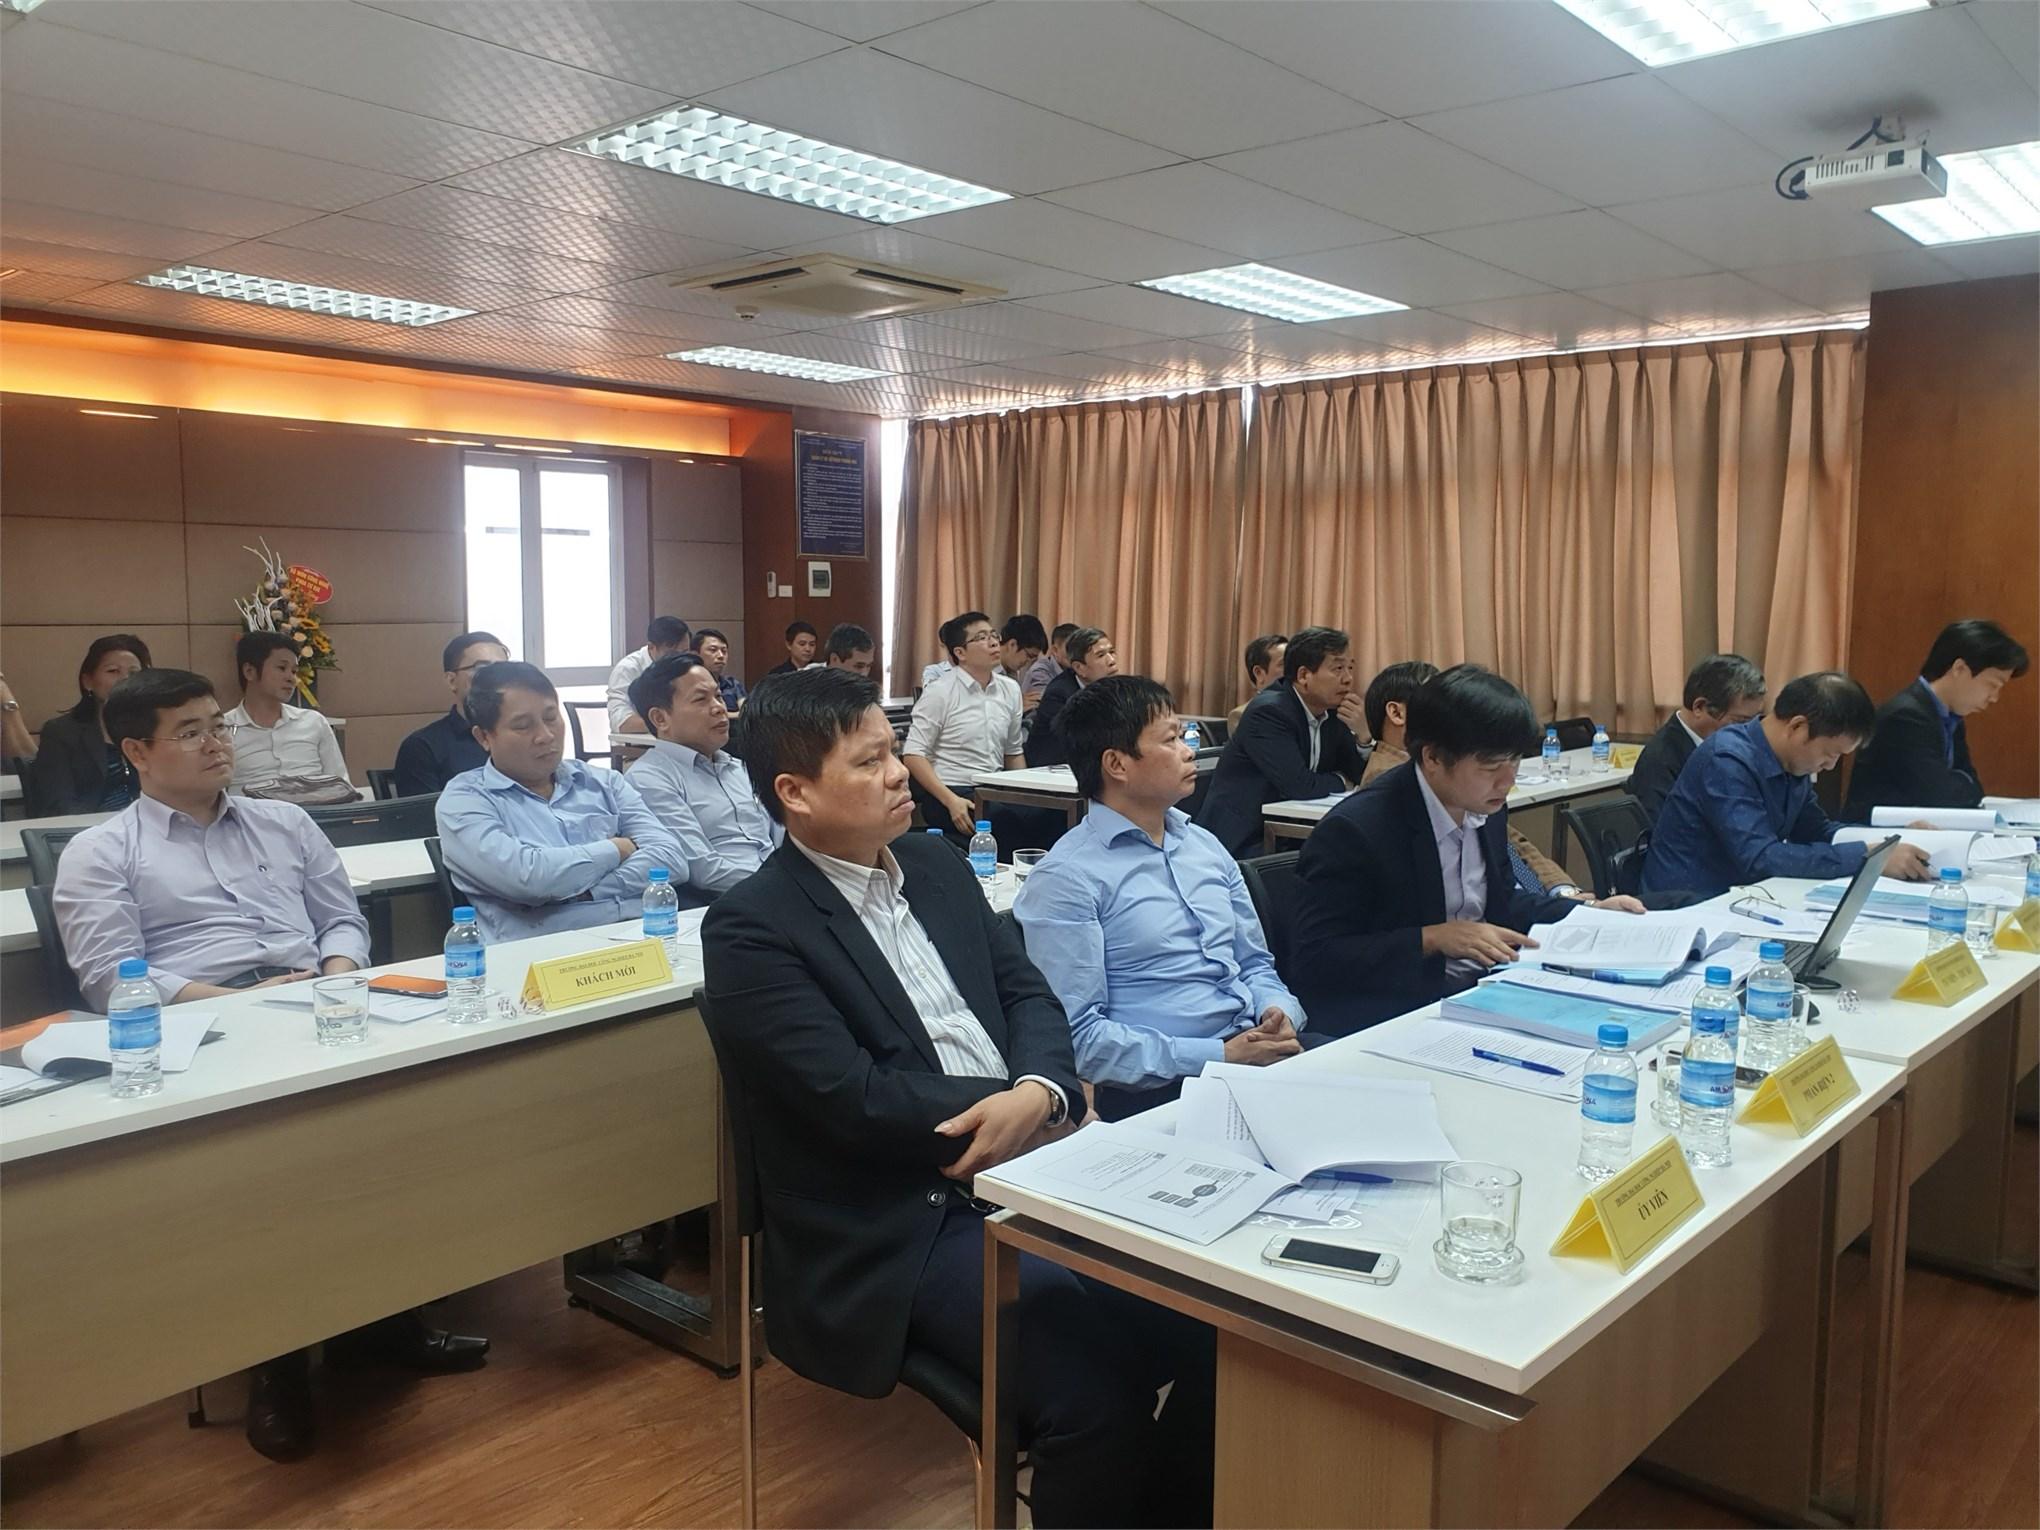 Đánh giá luận án tiến sĩ cấp cơ sở chuyên ngành Kỹ thuật cơ khí cho Nghiên cứu sinh Nguyễn Trọng Mai